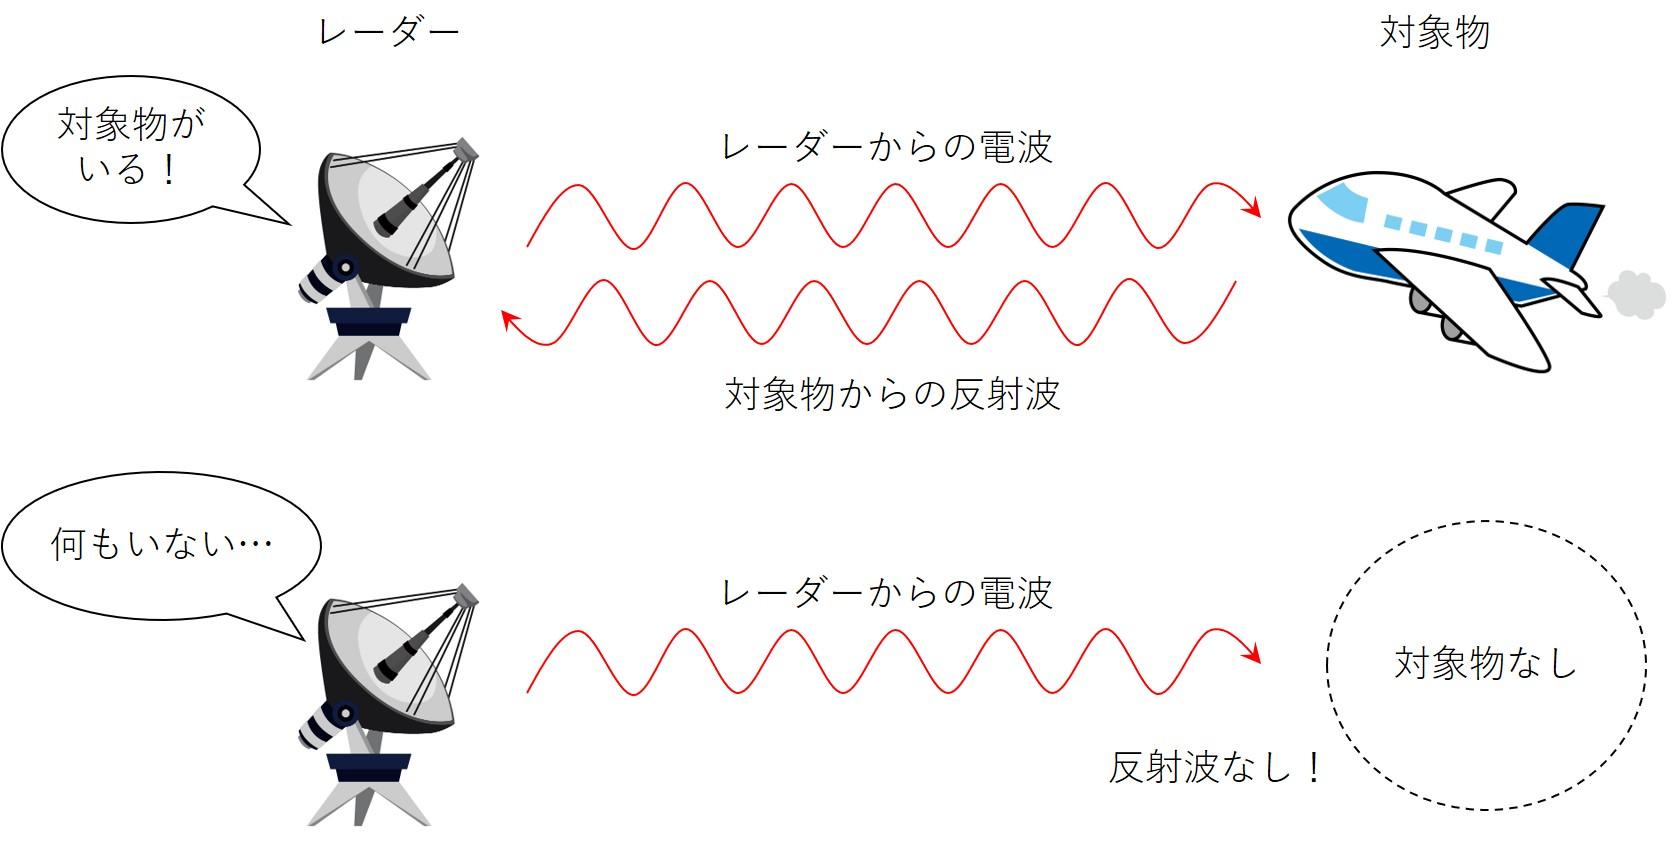 レーダーの原理イメージ